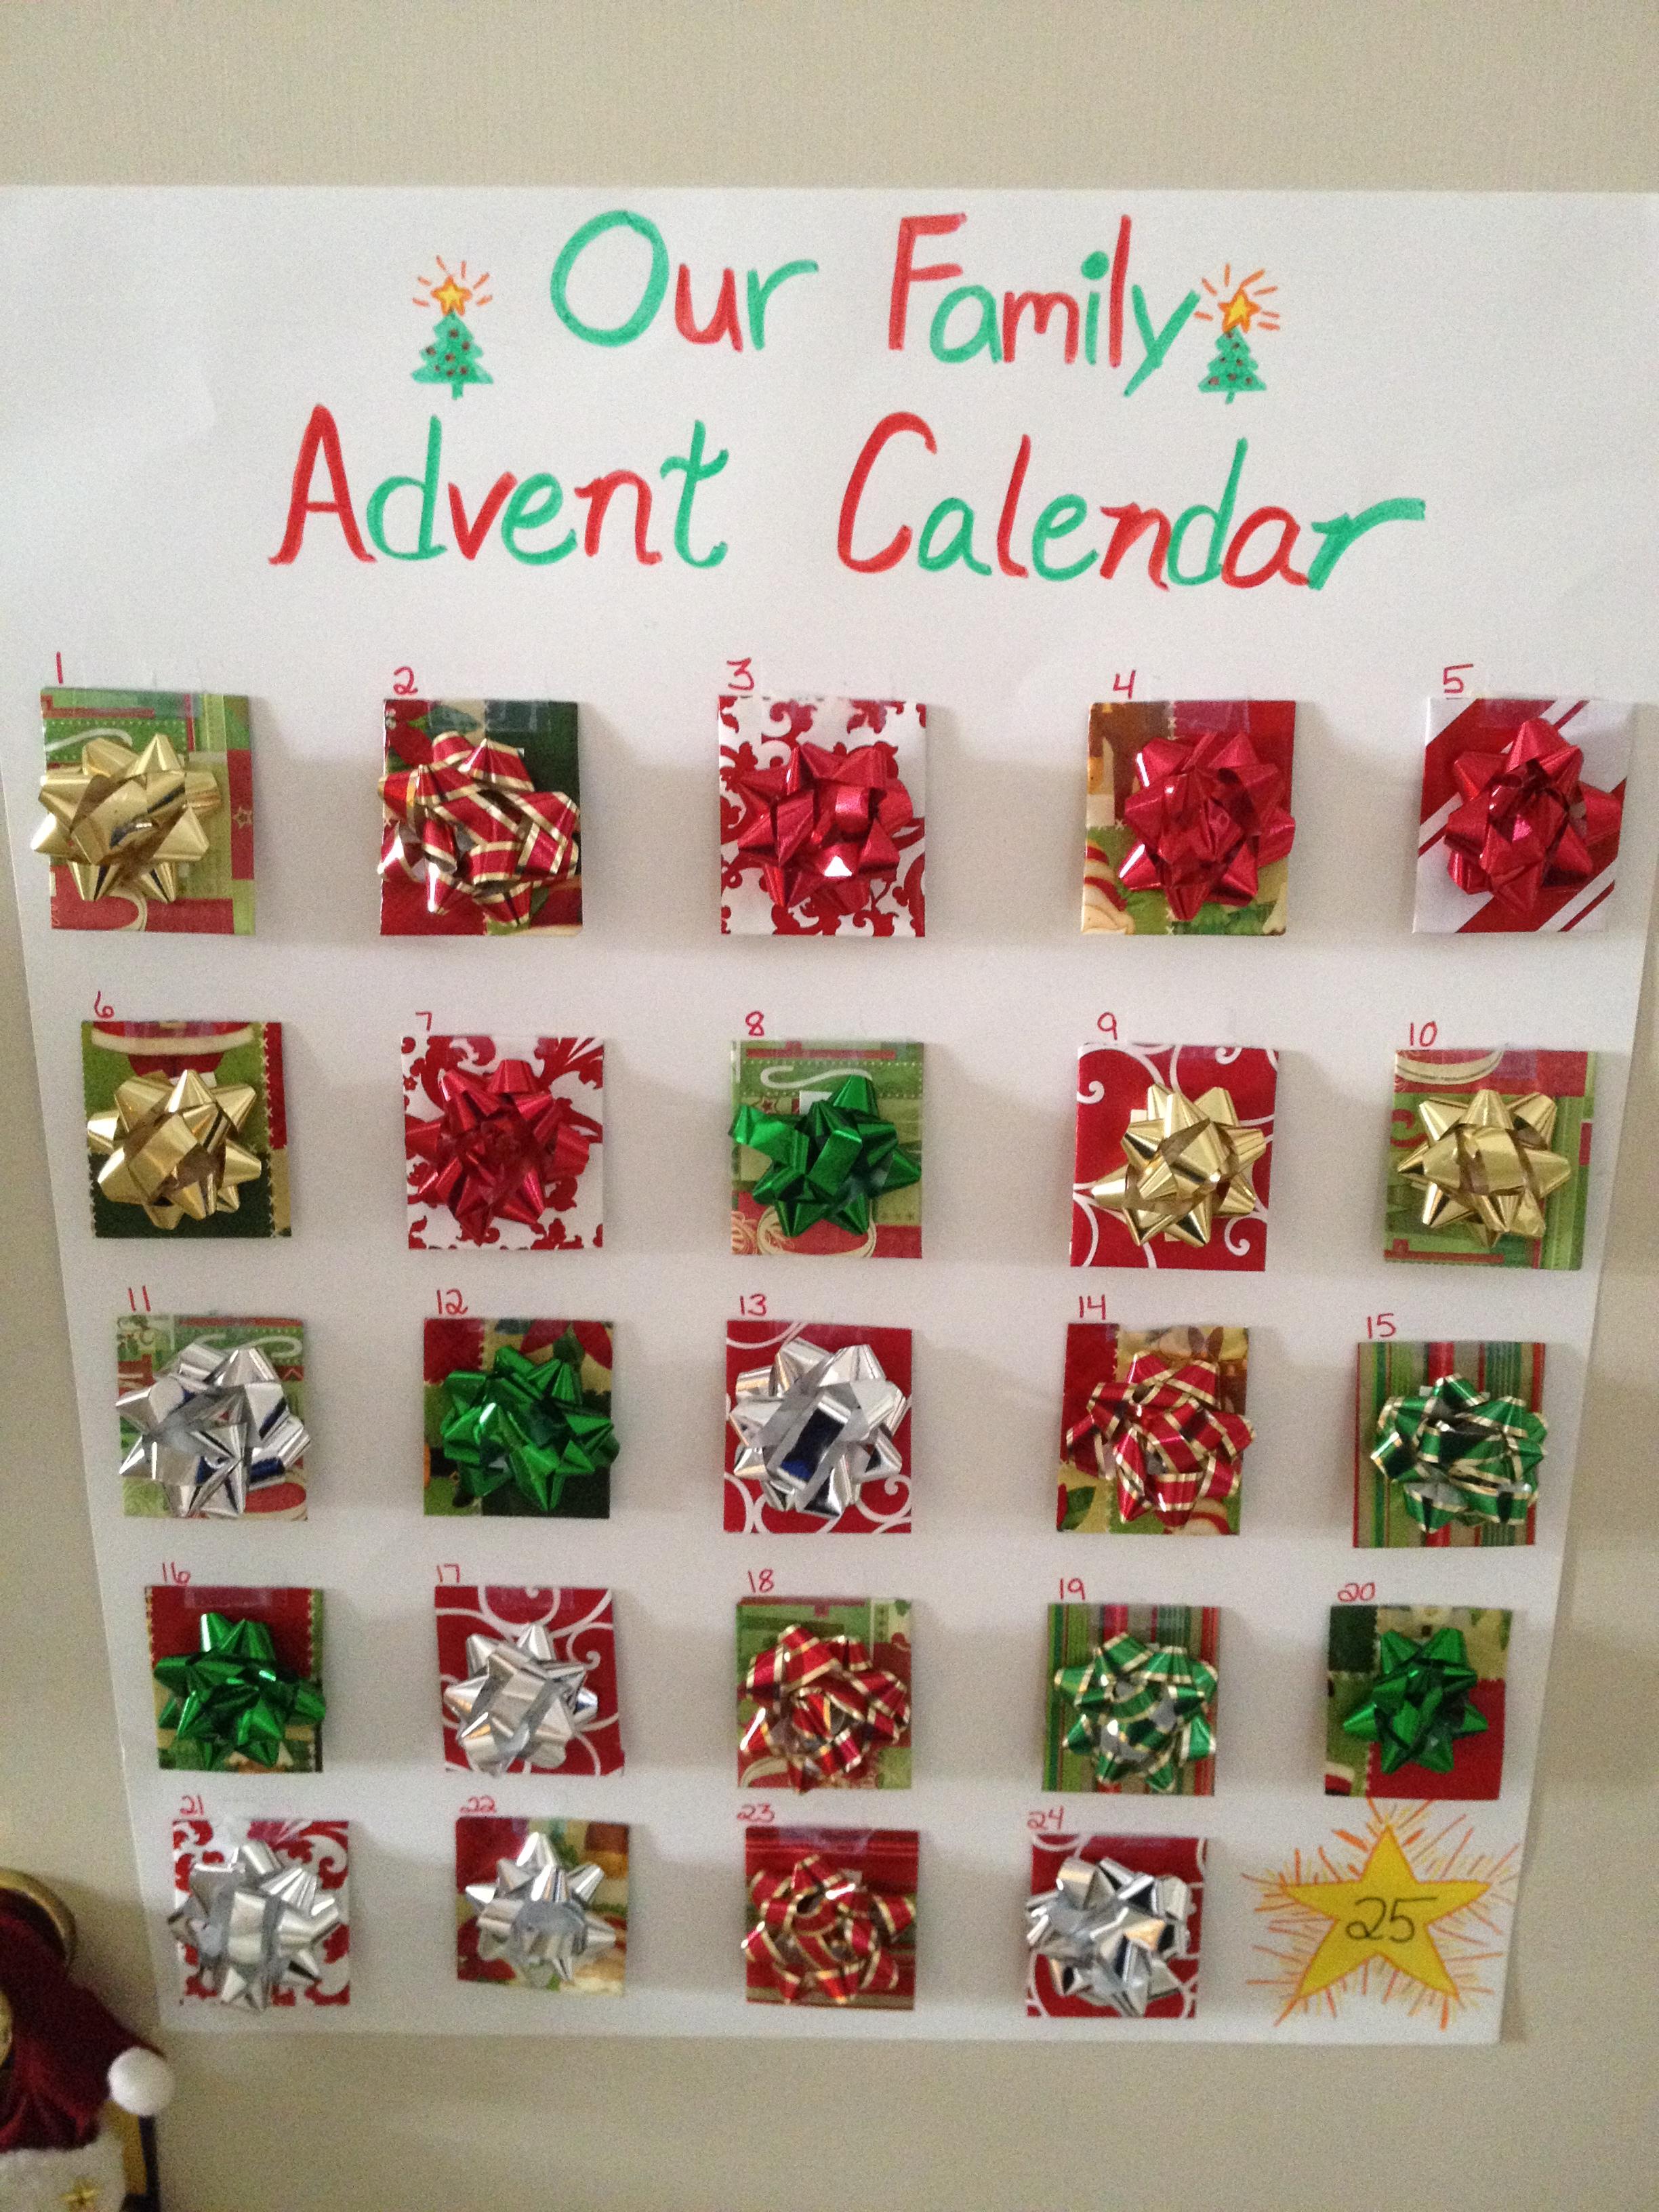 Advent Calendar Design Your Own : Allergy friendly advent calendar for christmas the food